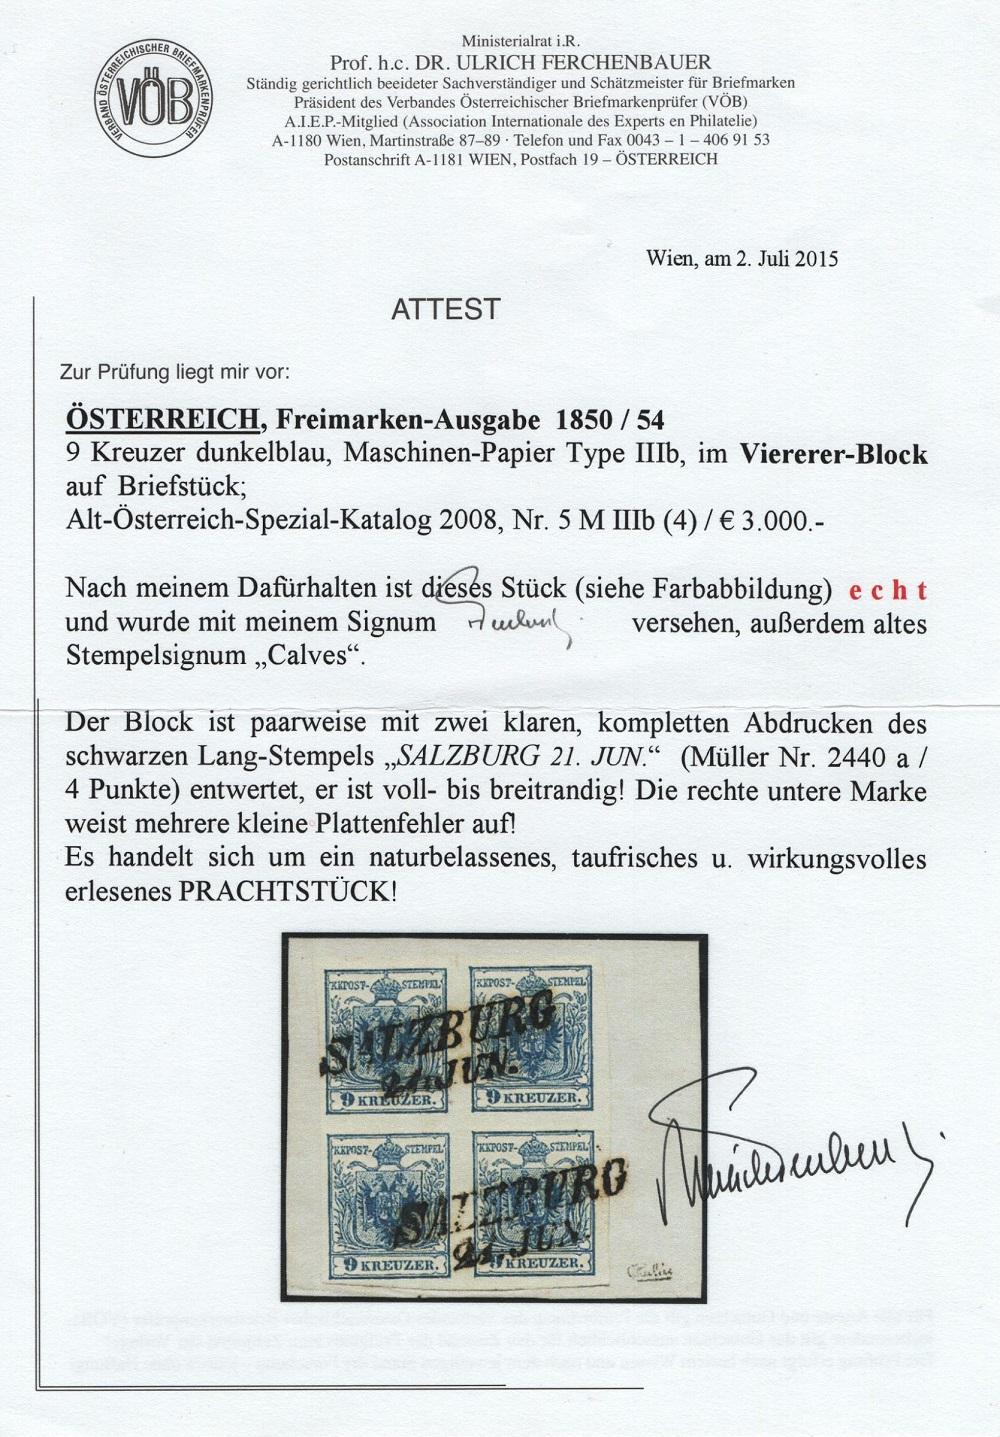 https://www.briefmarken-stari.at/bilder/5MIIIb4erBlockSALZBURG6015Bild3